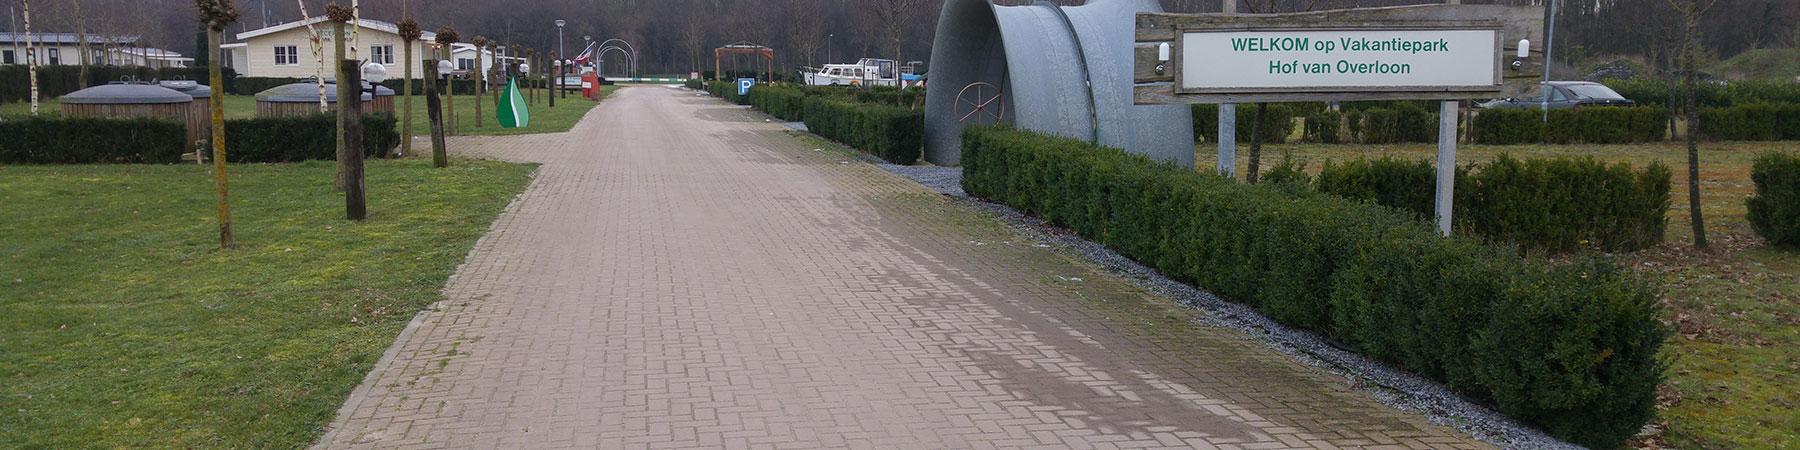 hof-van-overloon5